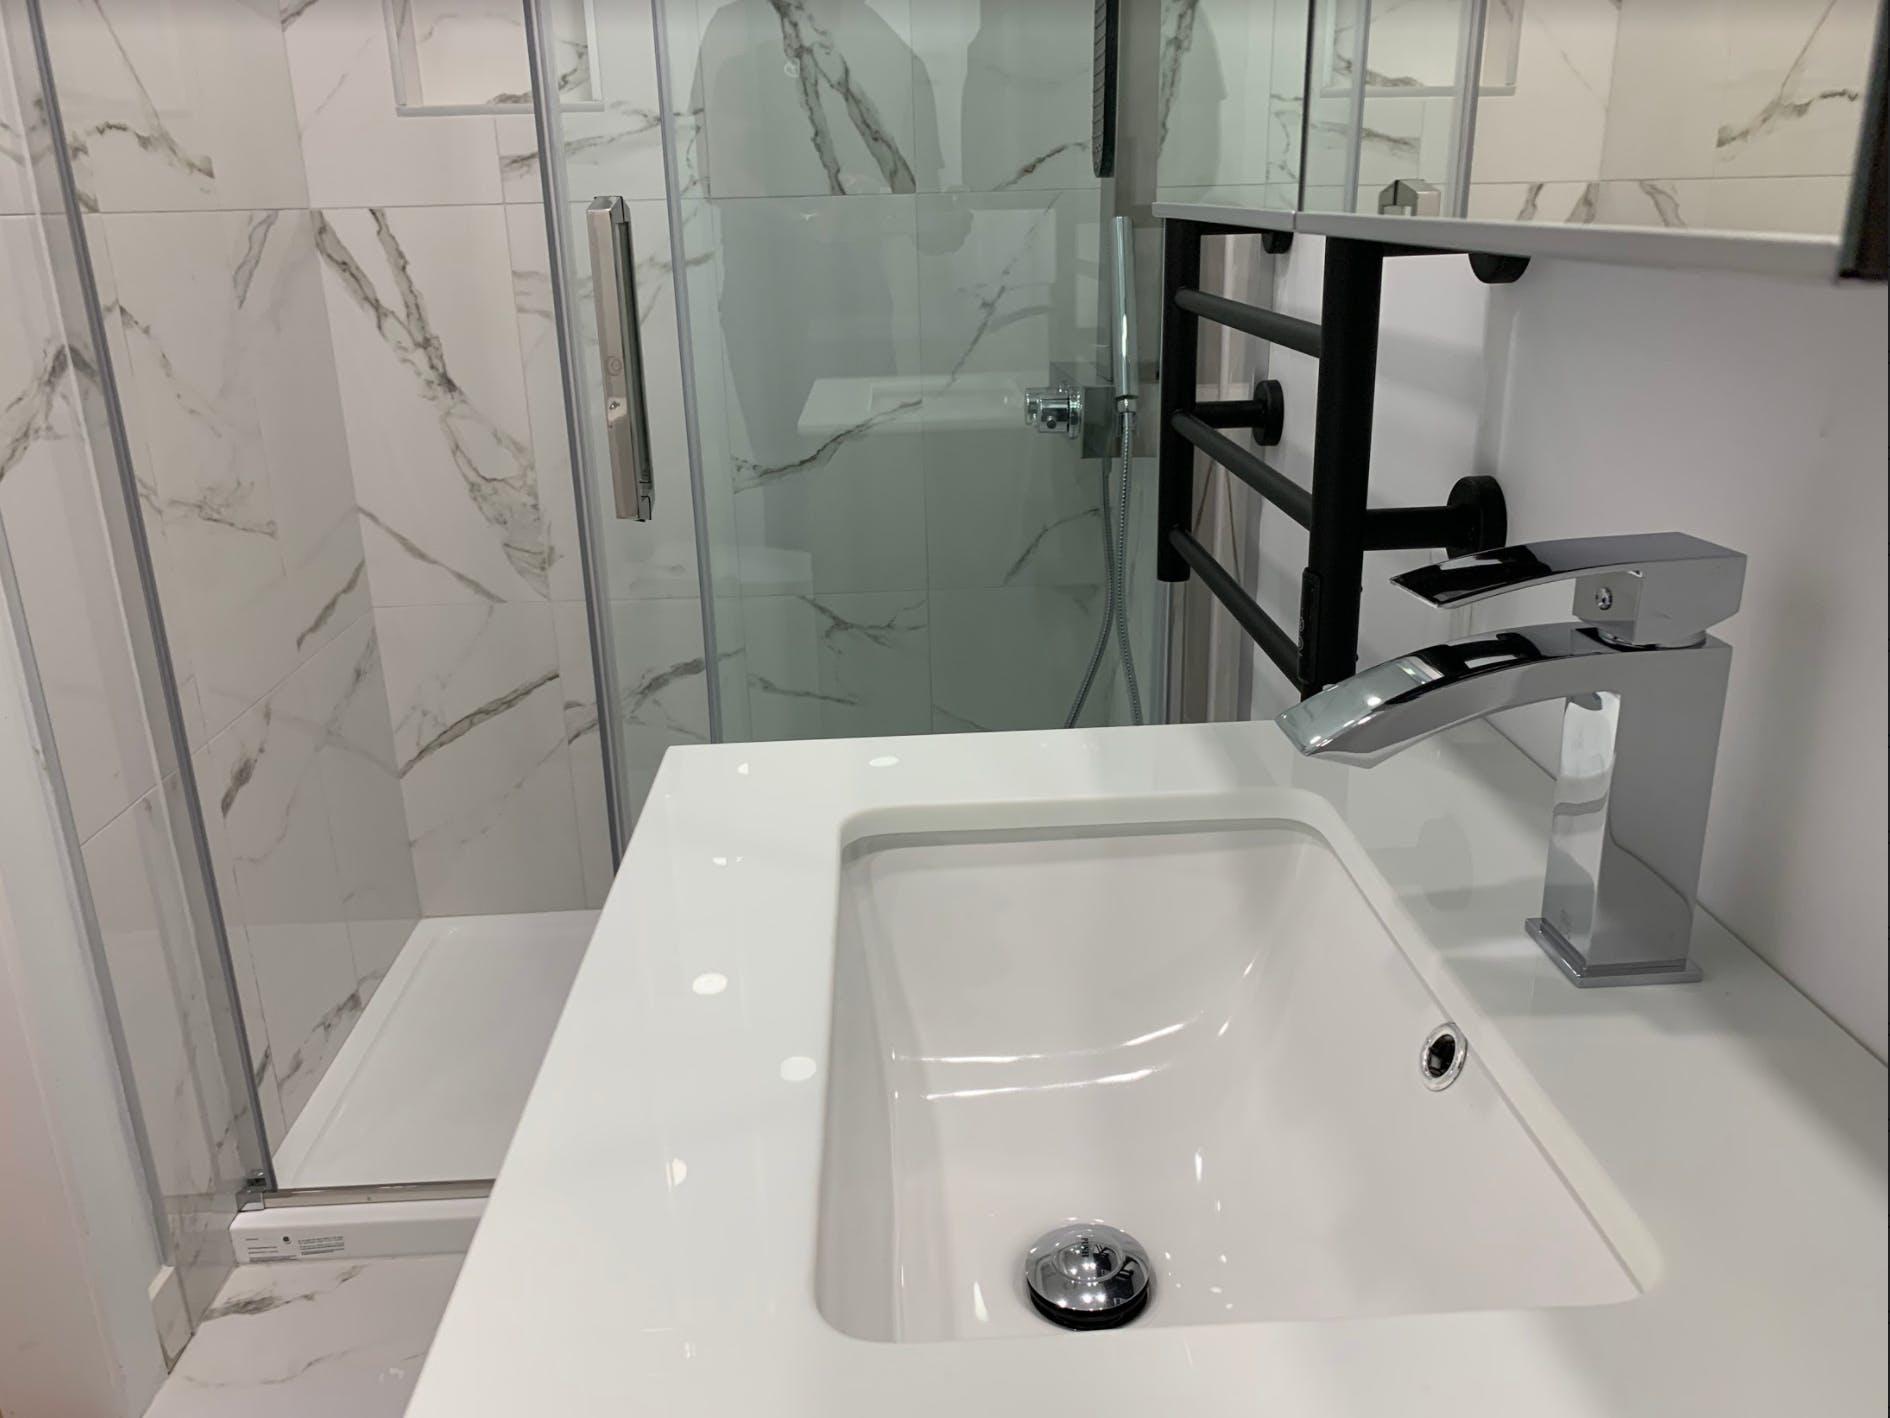 Nouveau lavabo dans salle de bain rénovée